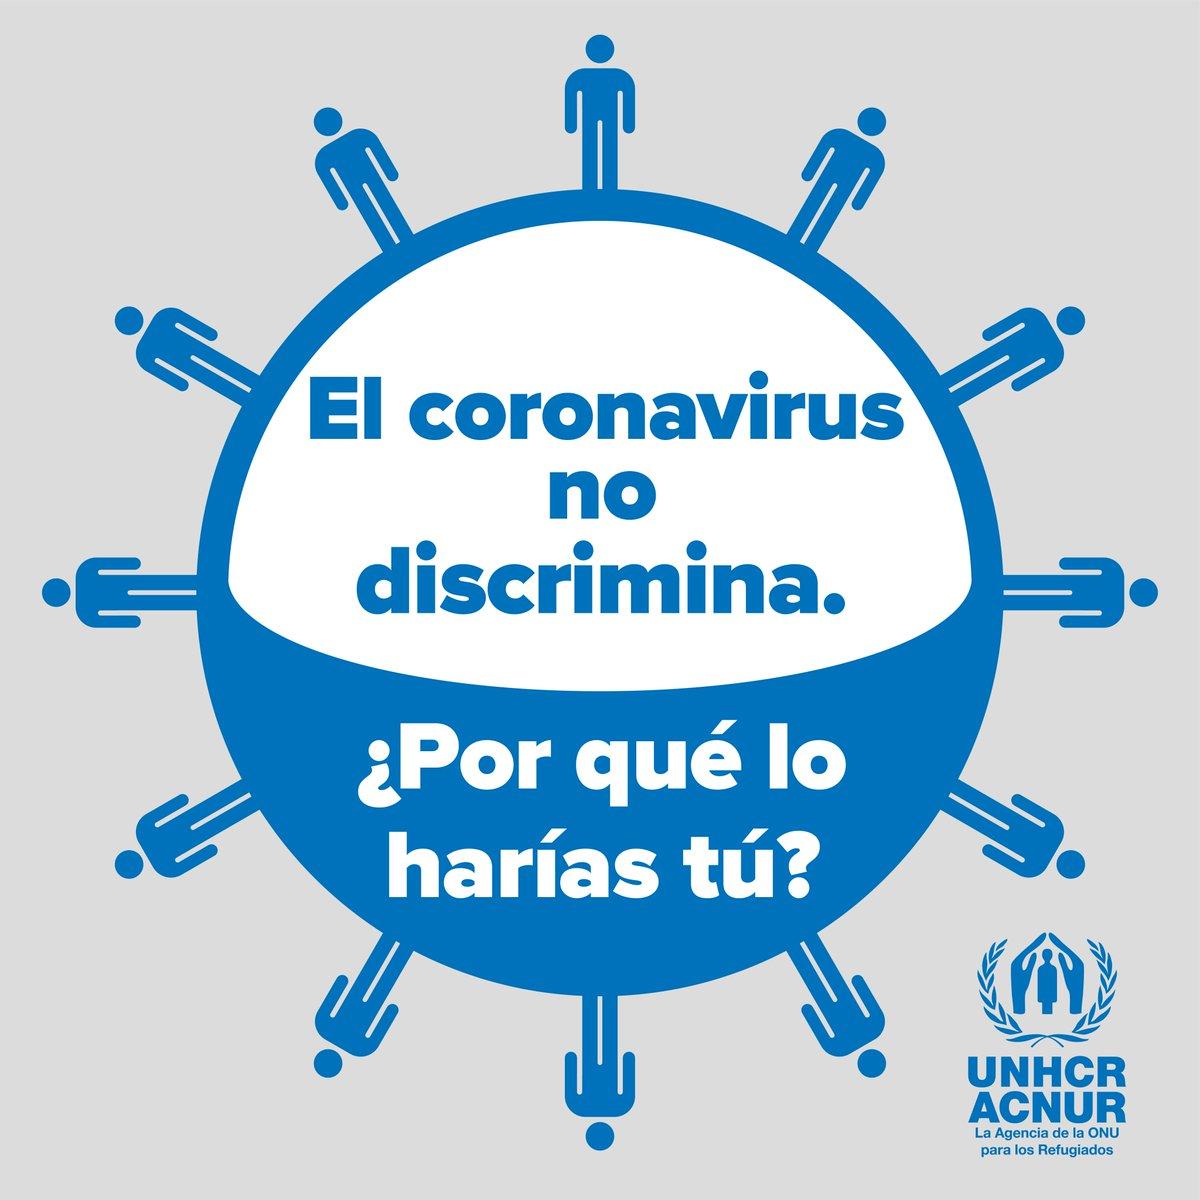 En un mundo donde una pandemia se está extendiendo a una velocidad vertiginosa, no podemos permitir que la discriminación se vuelva viral también.   #COVID19 #coronavirus